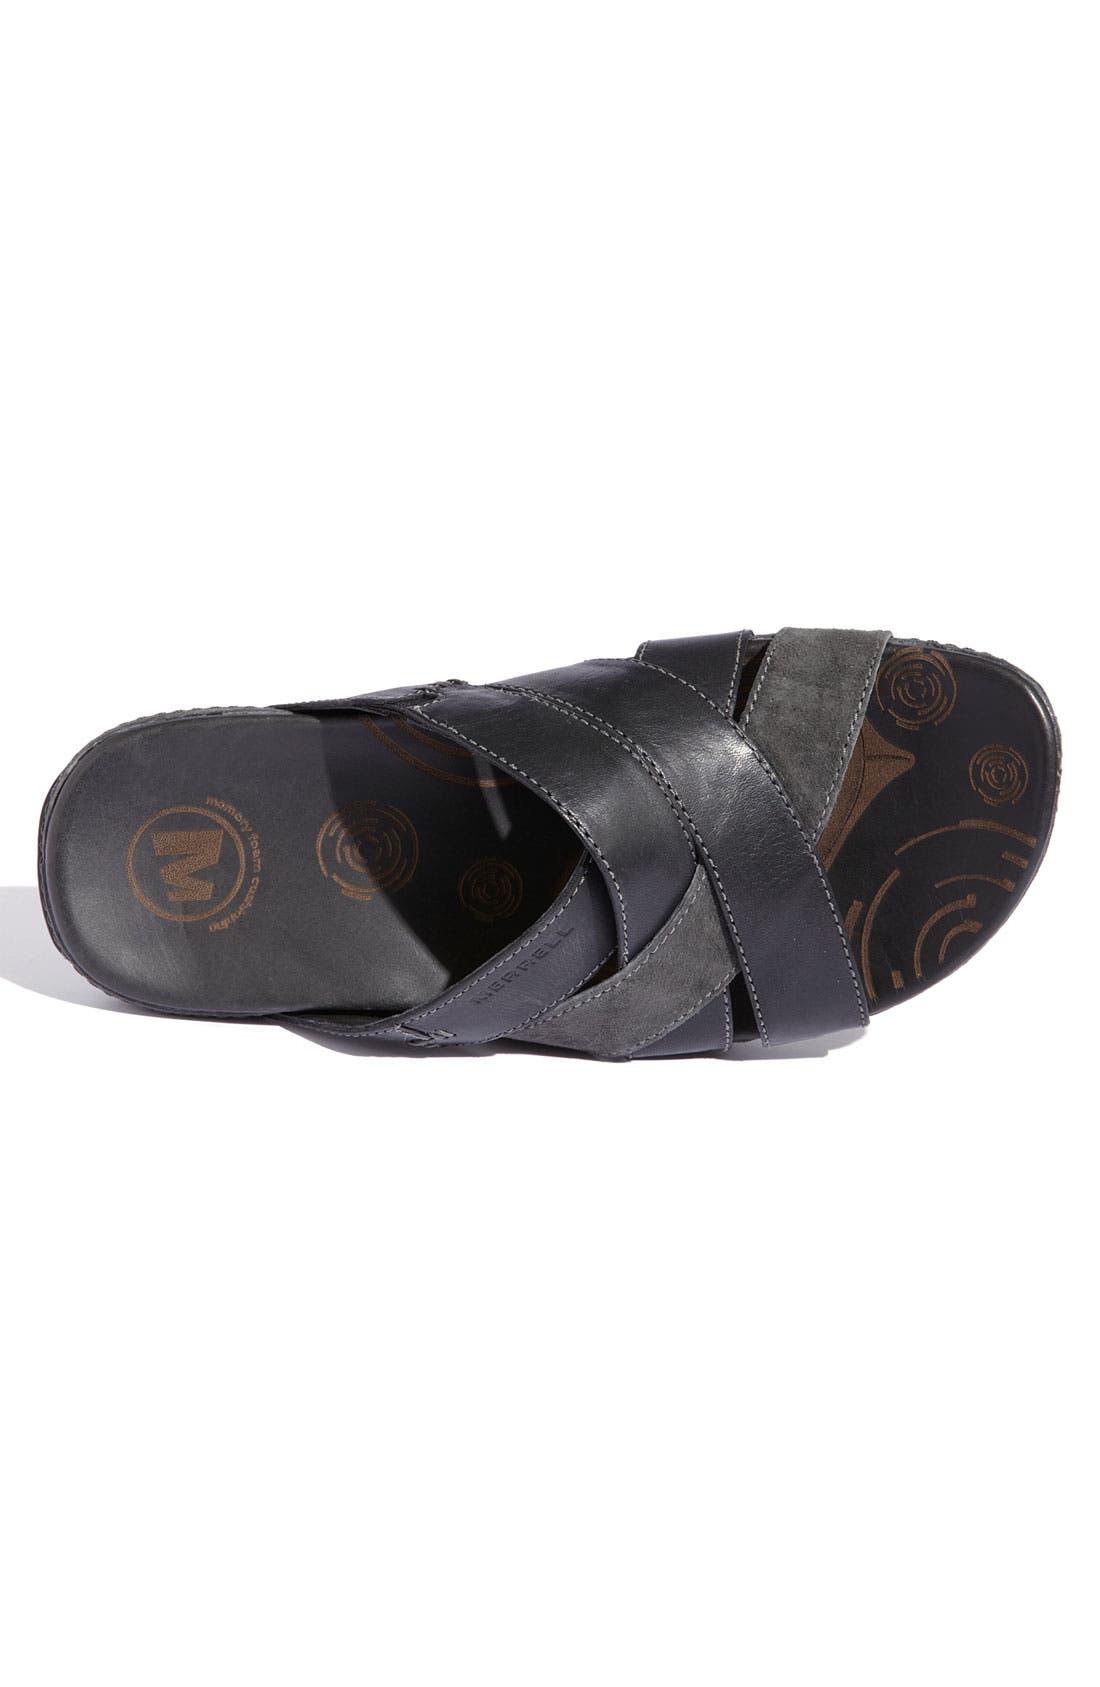 Alternate Image 3  - Merrell 'Arrigo' Sandal